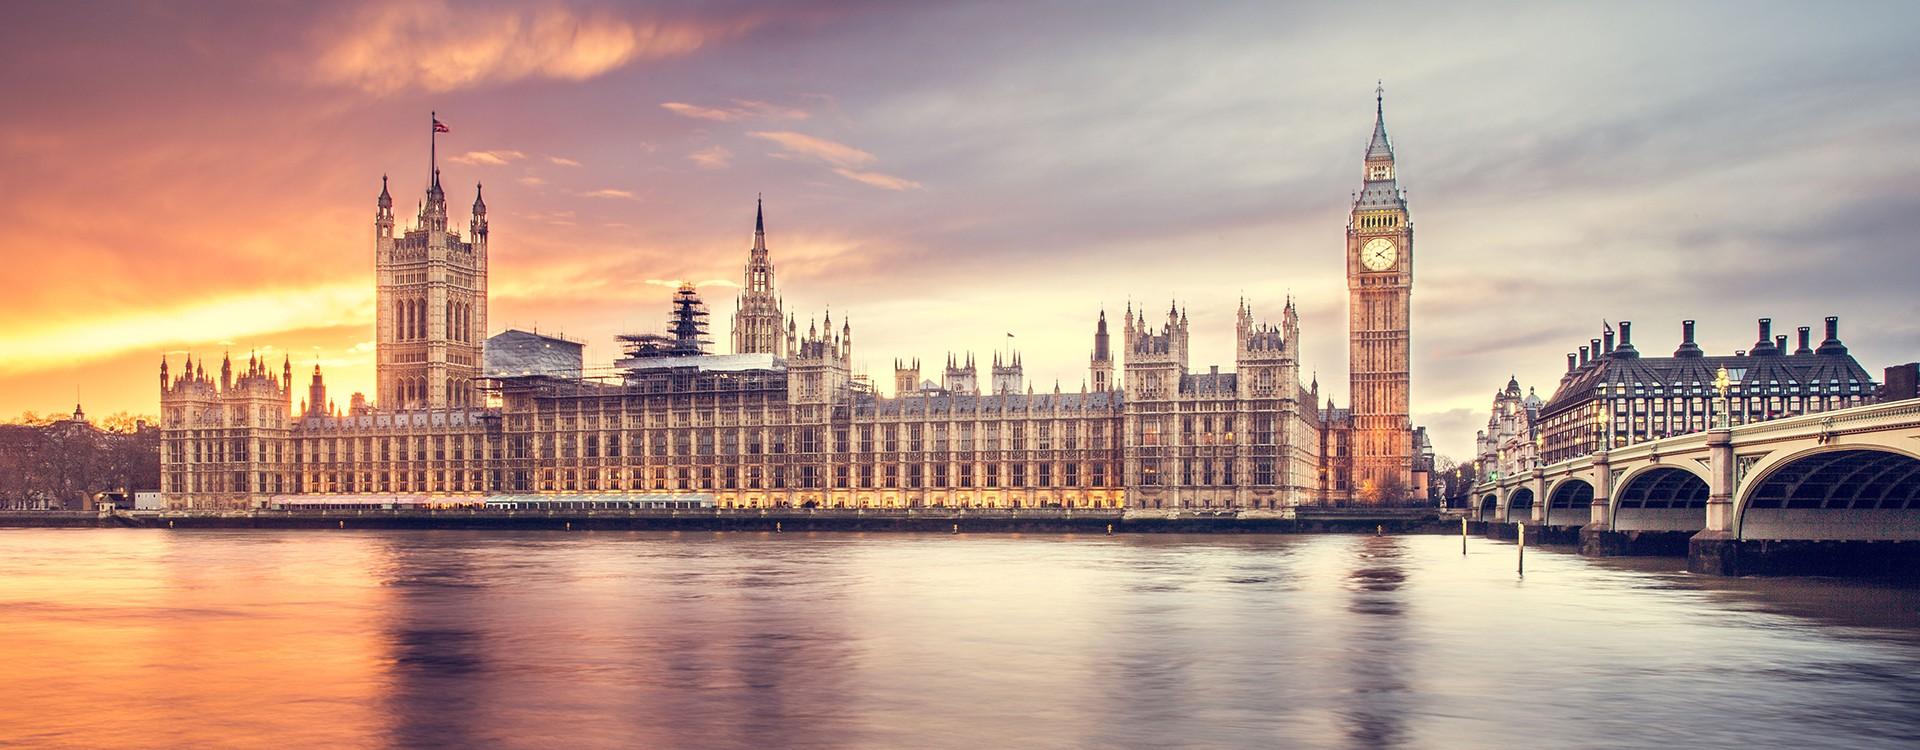 Les monuments incontournables à voir à Londres